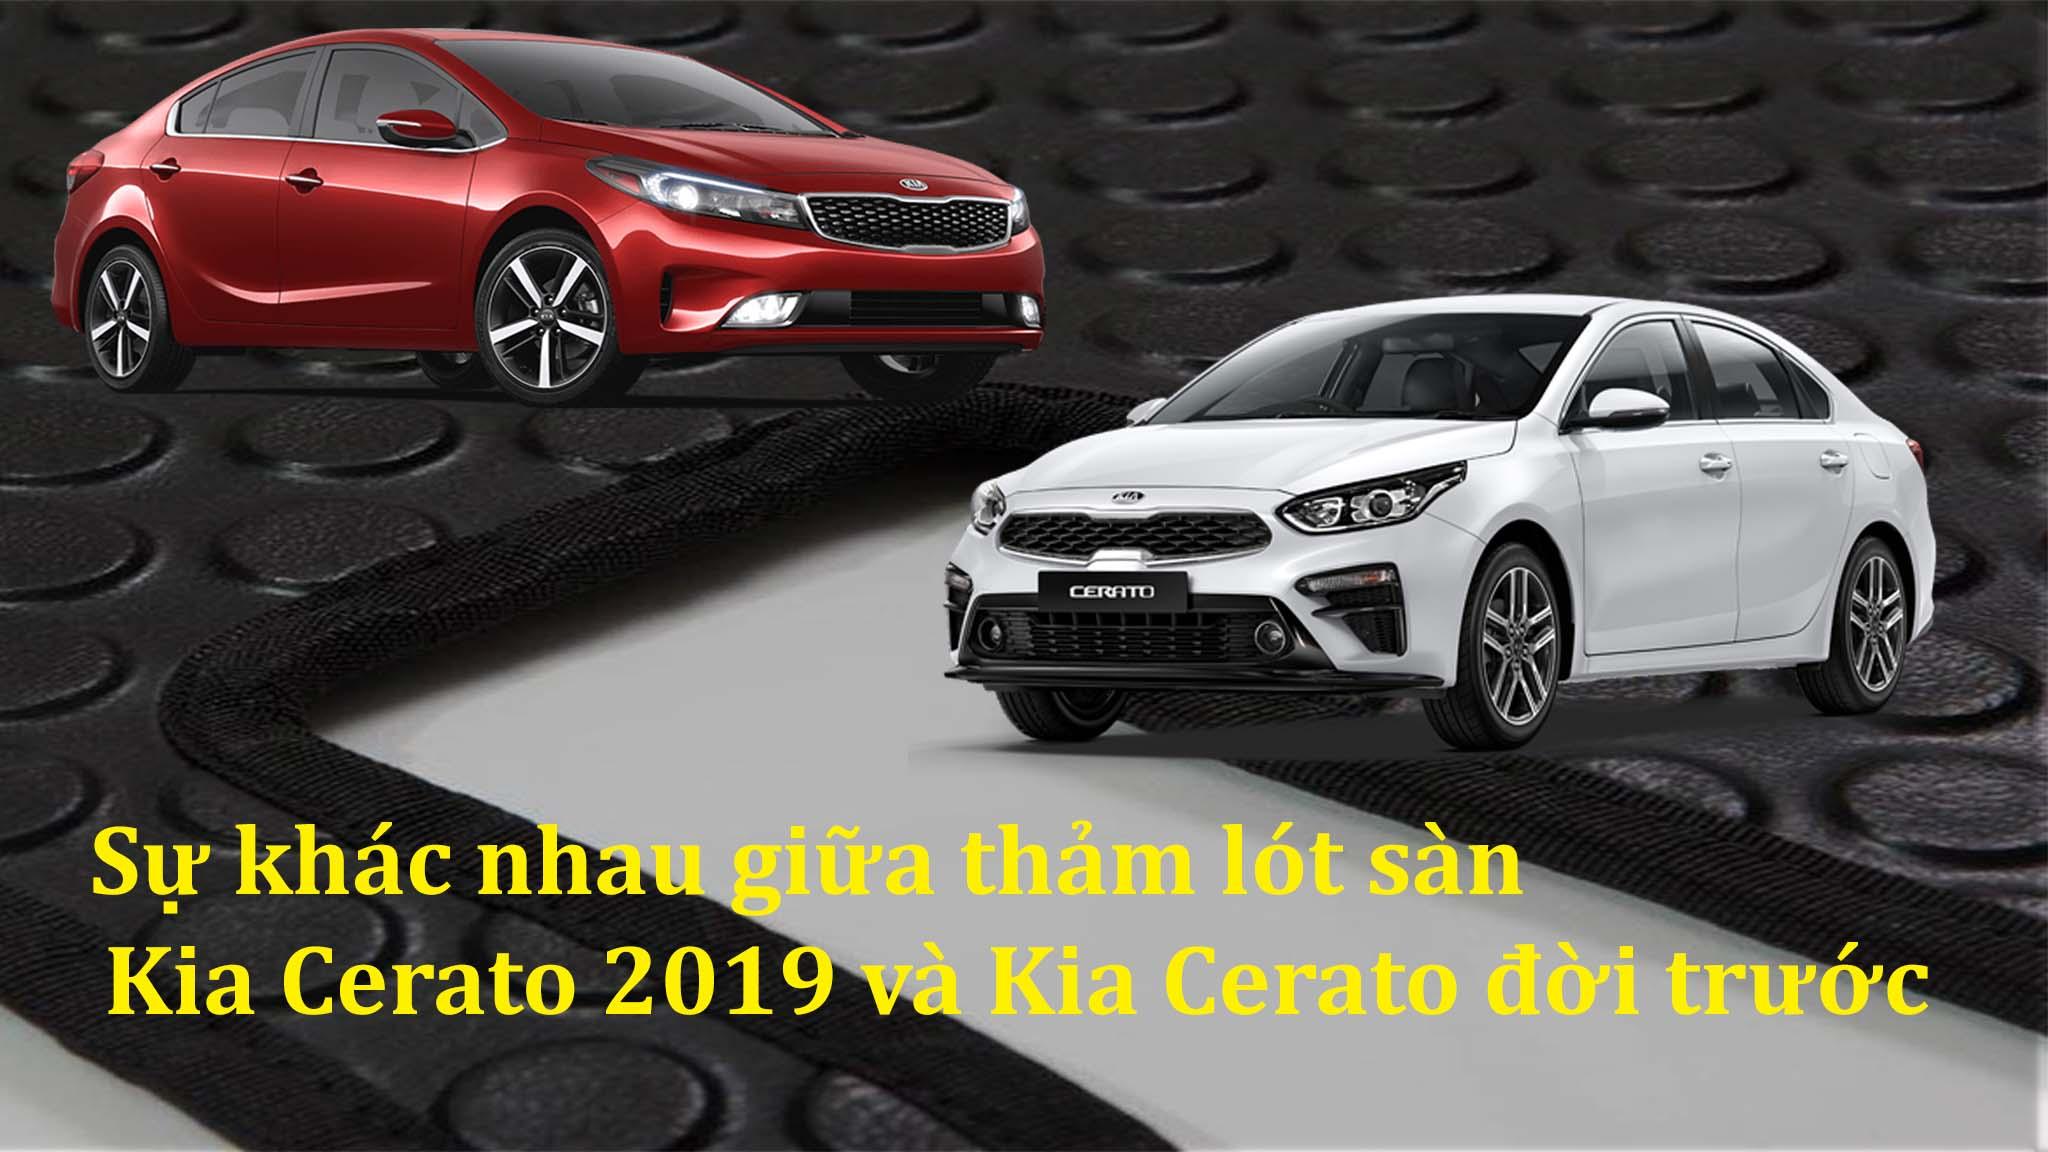 So sánh thảm lót sàn Kia Cerato 2019 và đời cũ